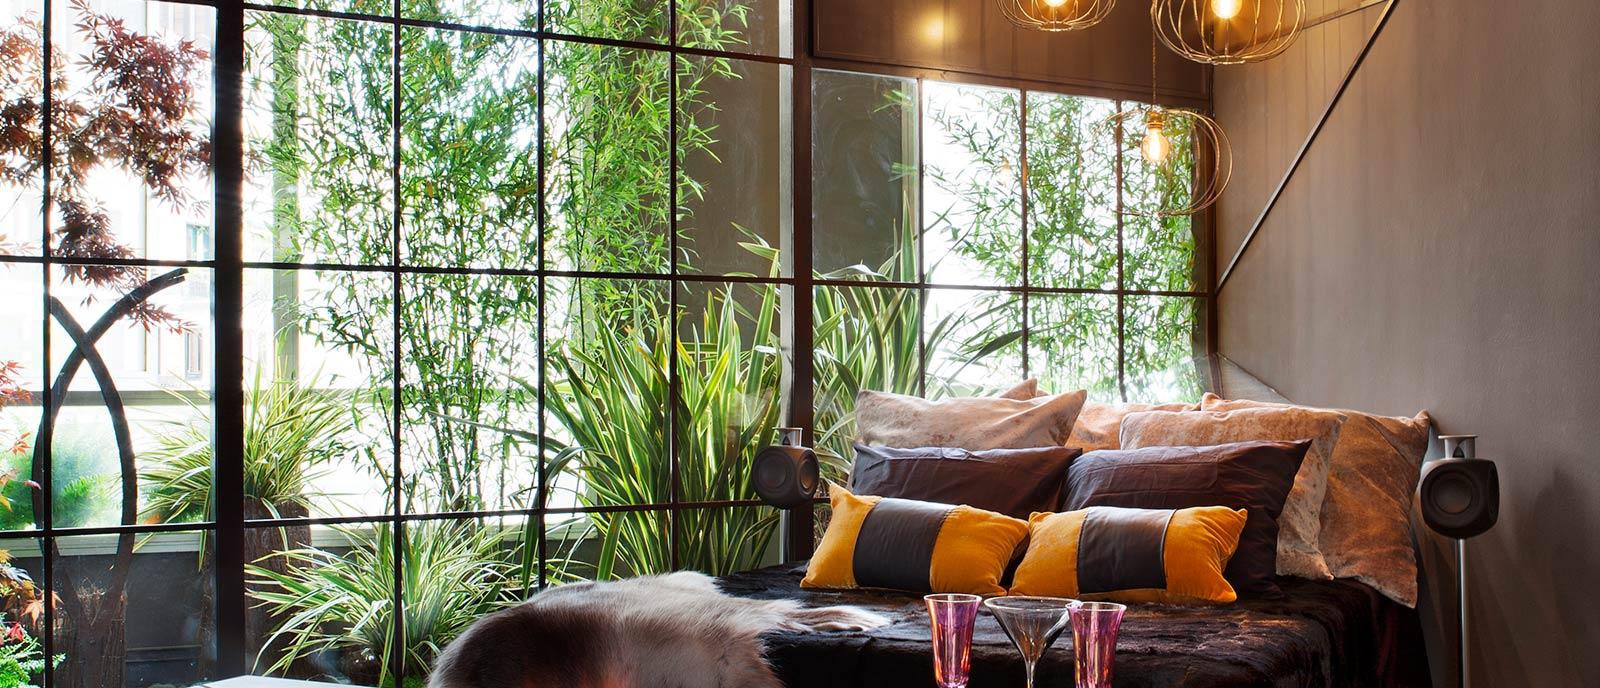 Dormitorio con jardín interior – «Room Natura»